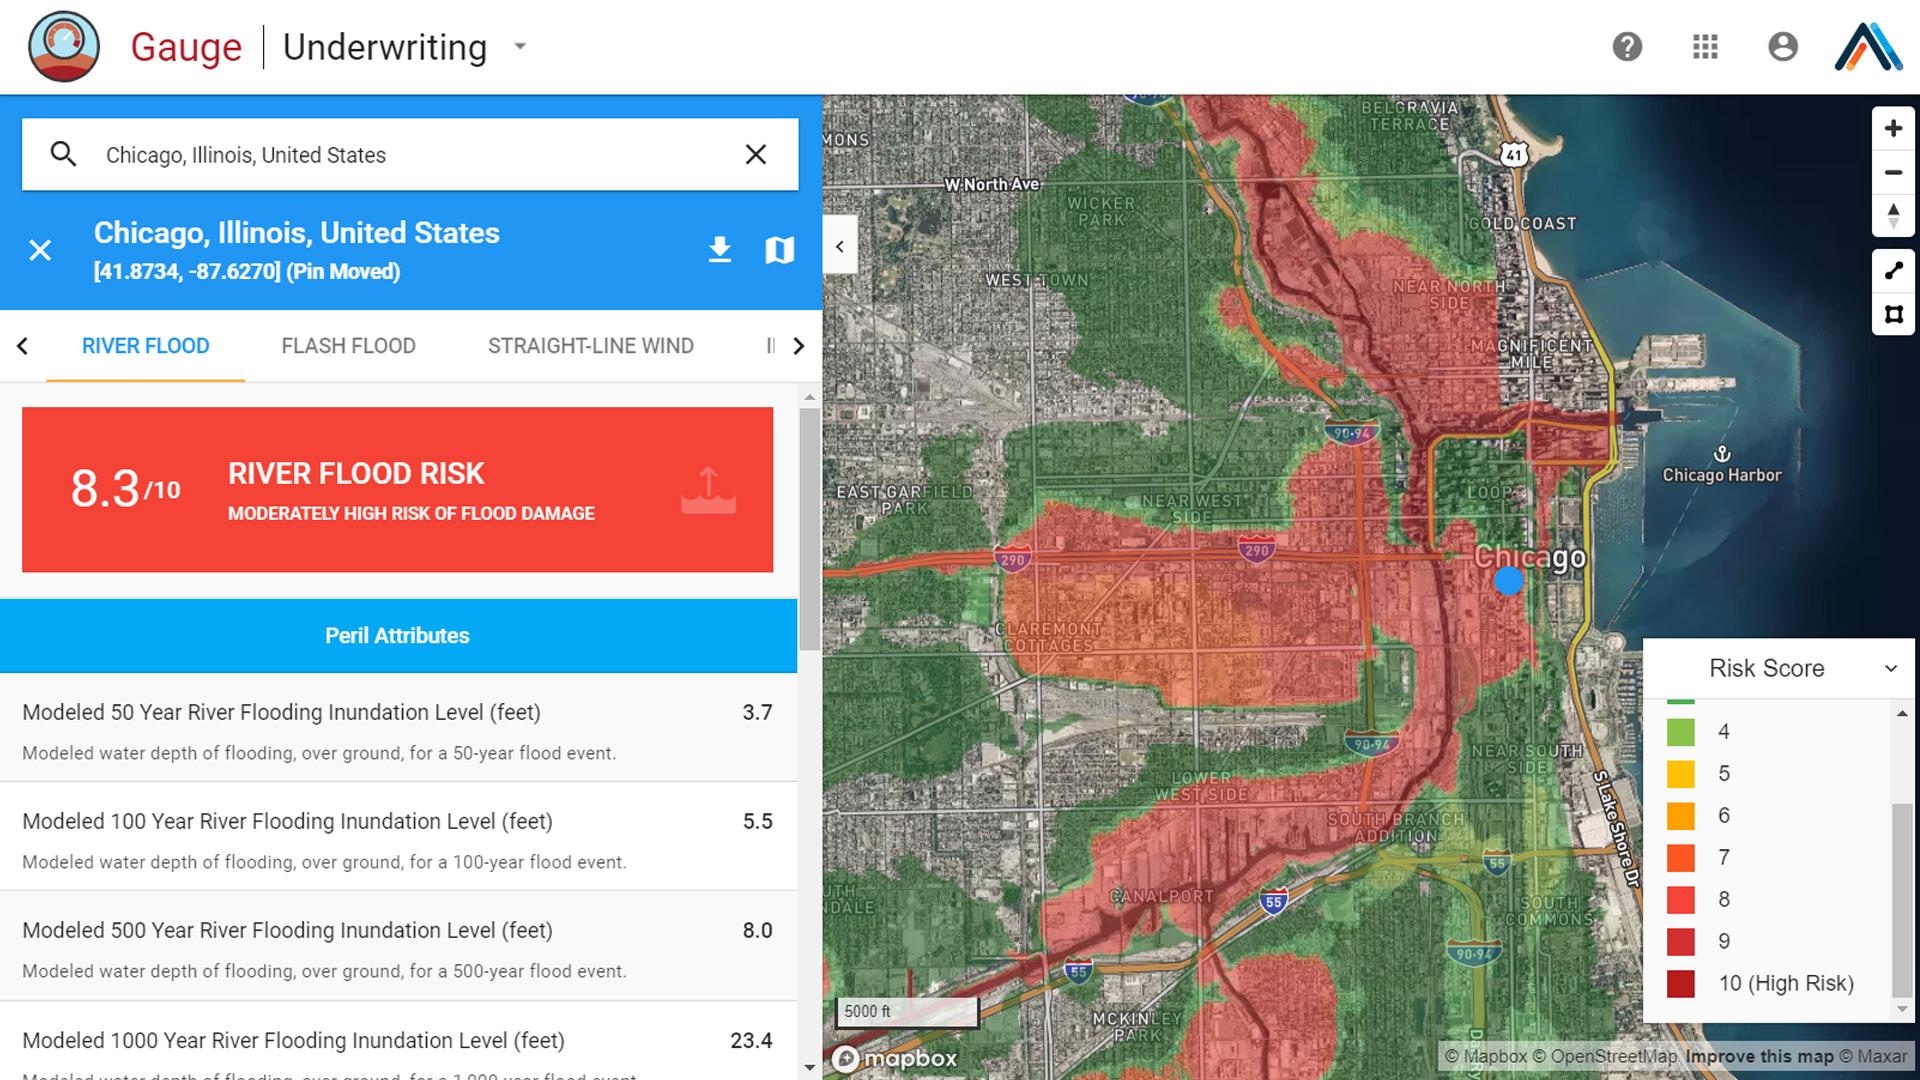 Chicago river flood risk map for insurance